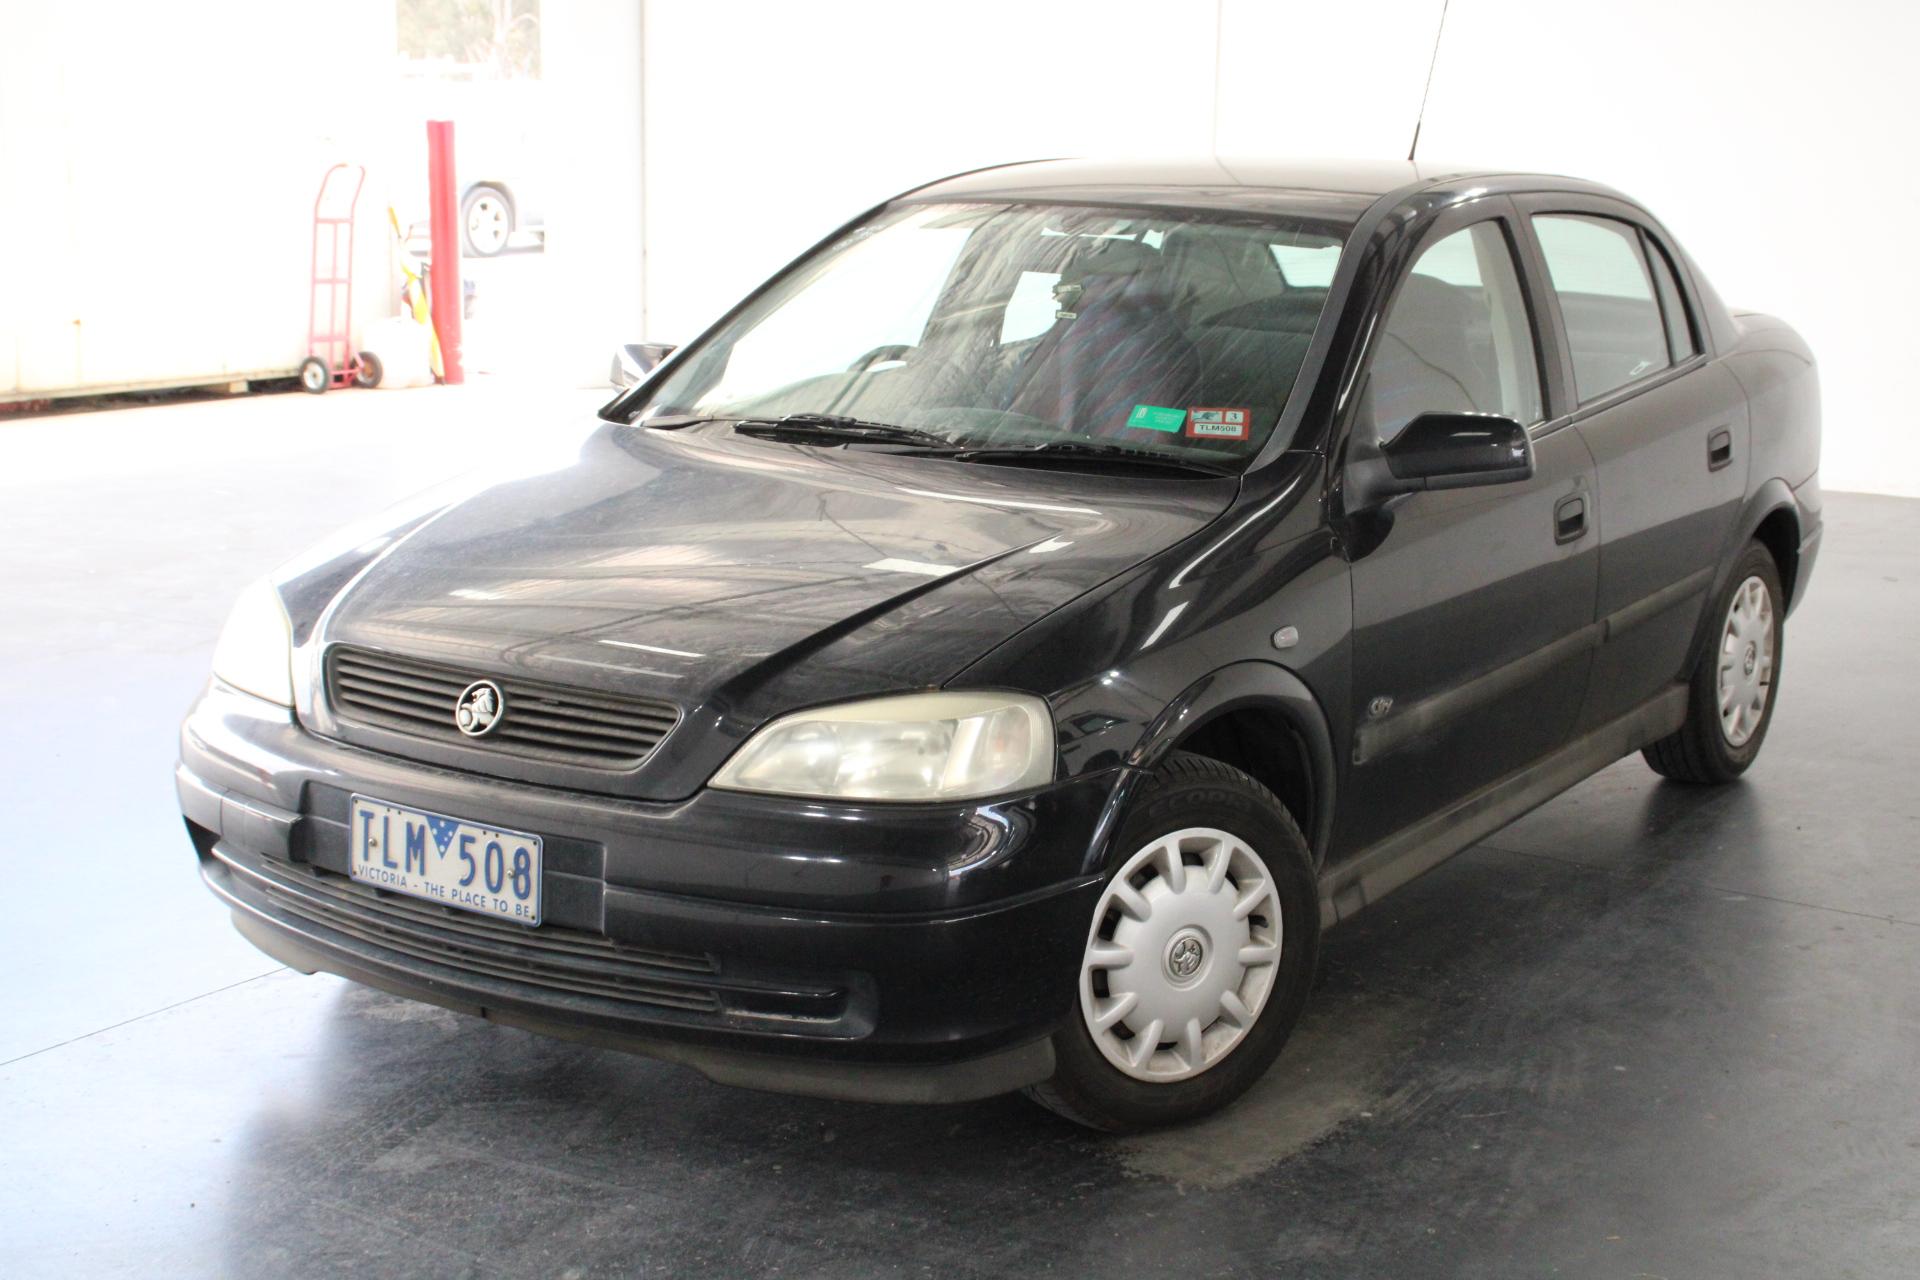 2003 Holden Astra City TS Automatic Sedan